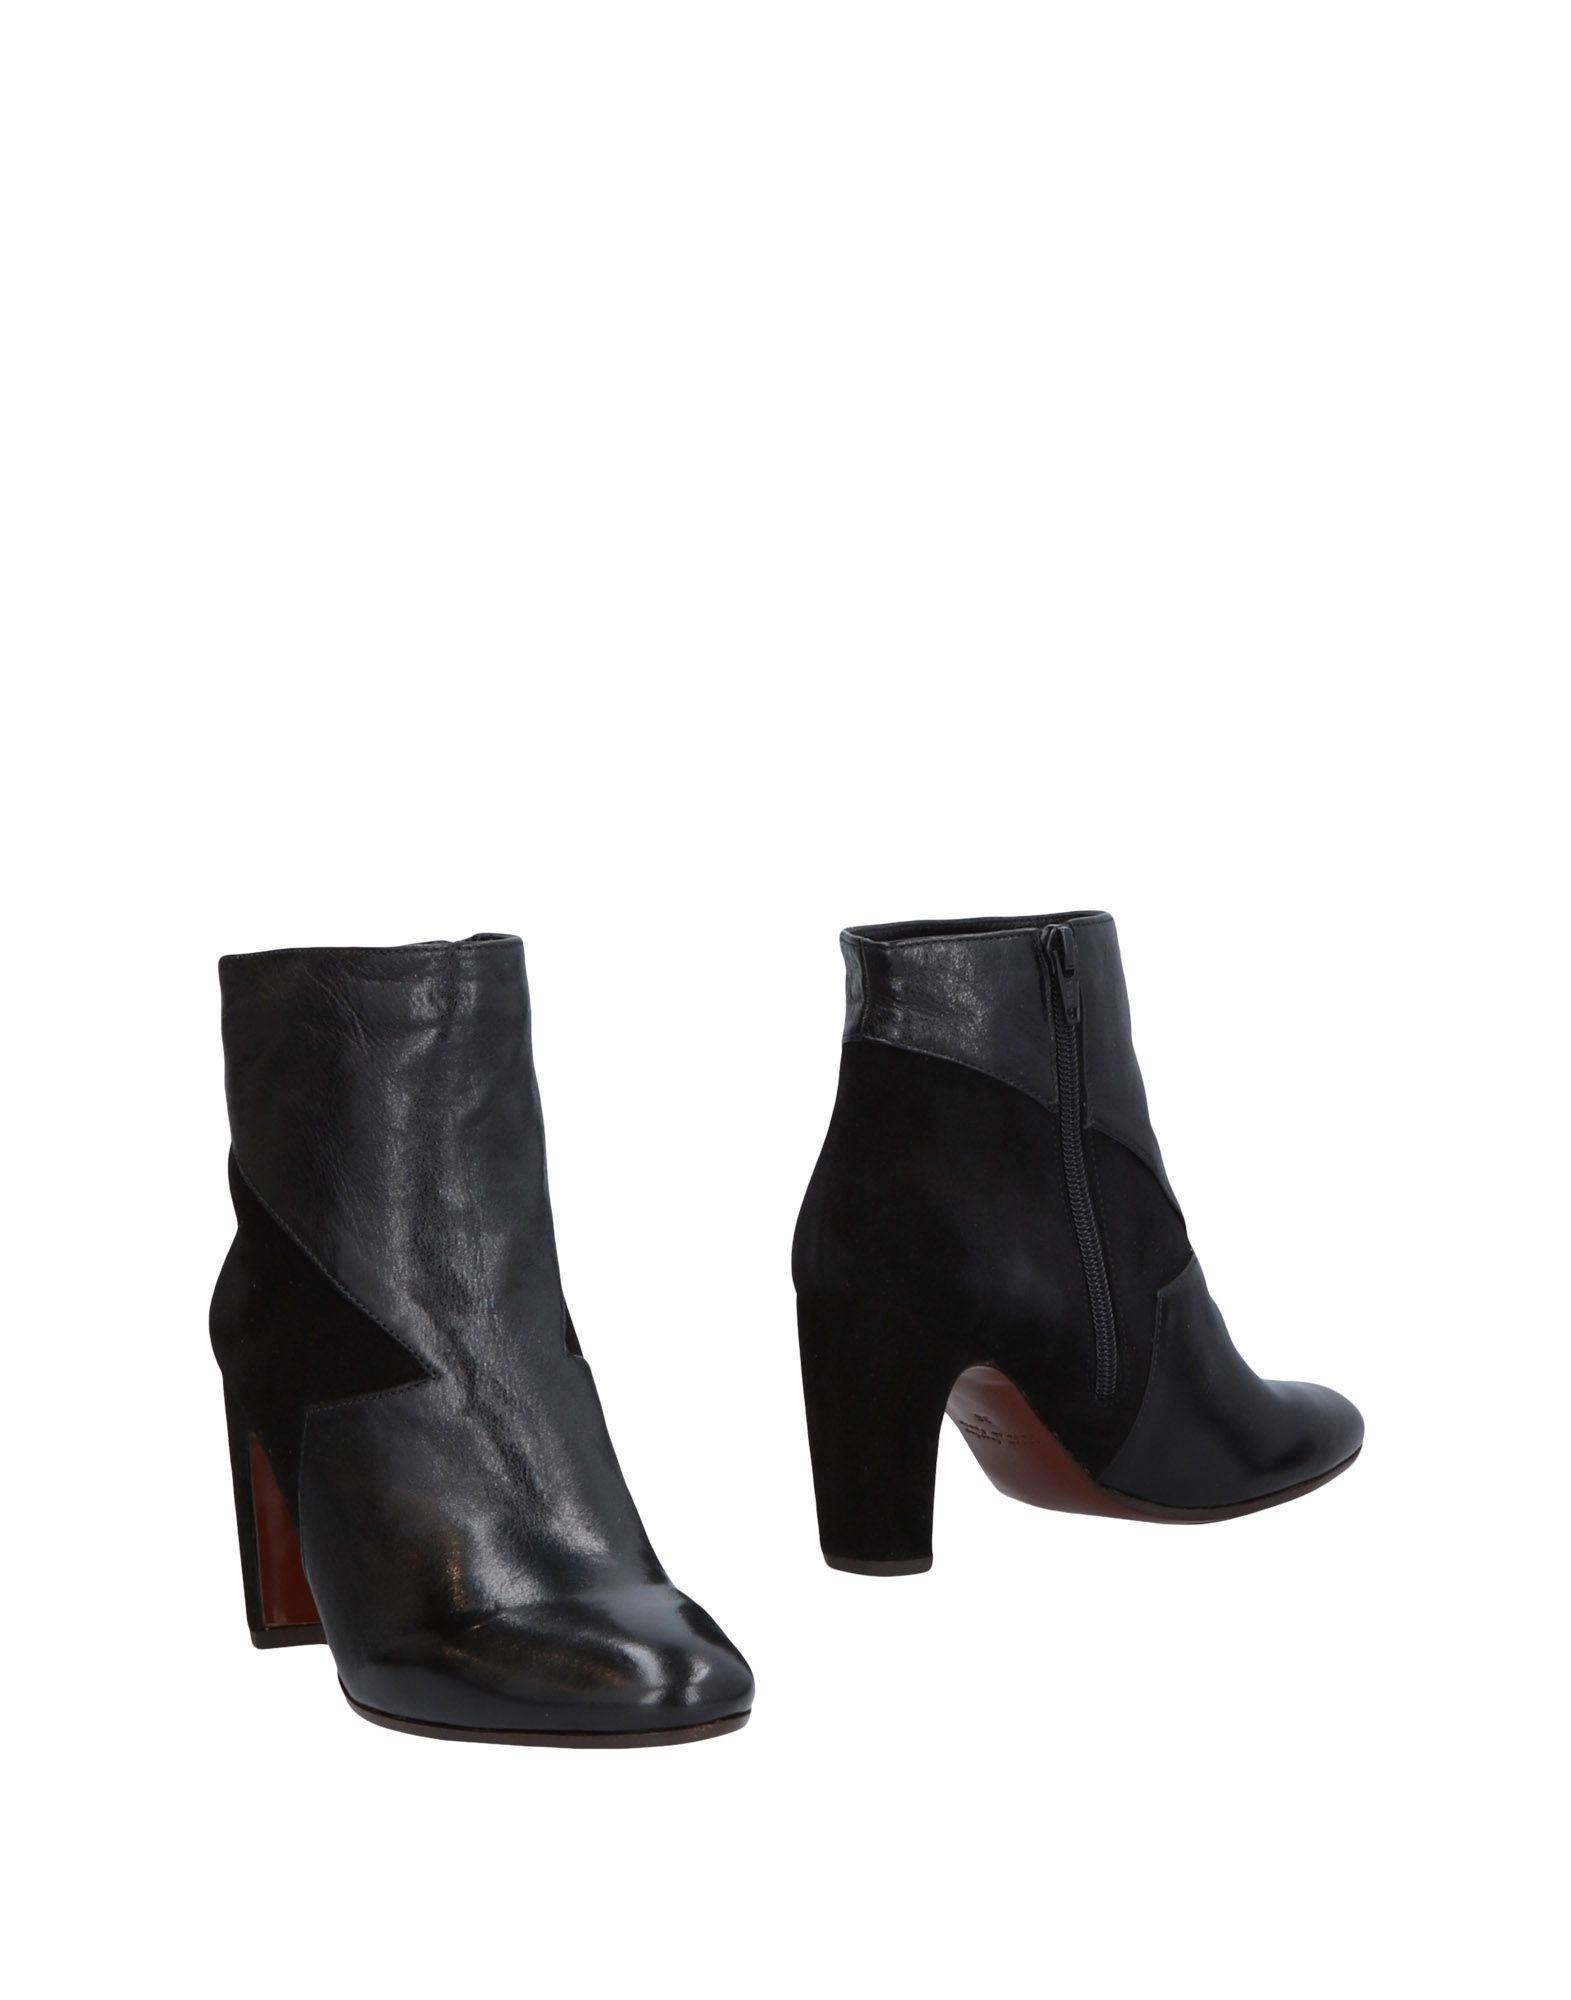 Rabatt Schuhe Chie Mihara Stiefelette Damen  11305697JV